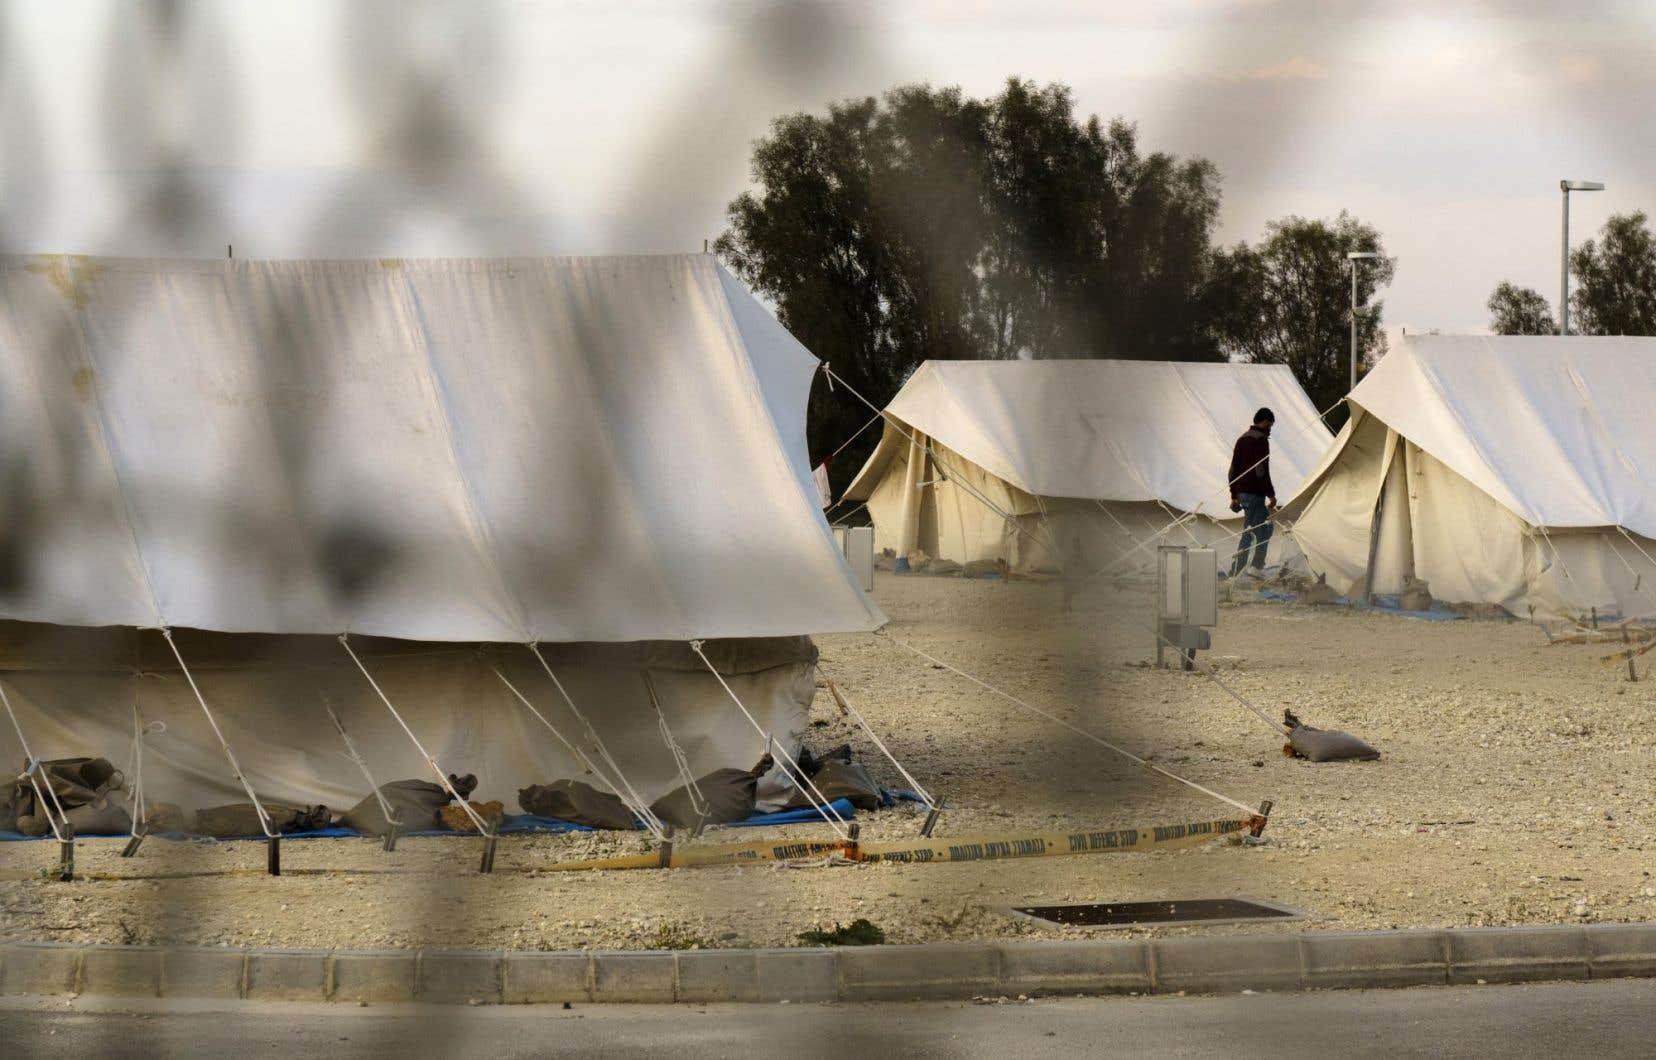 Membre de l'Union européenne, l'île de Chypre est située à seulement 100 km de la Syrie en guerre, mais n'a jusqu'ici pas enregistré d'afflux massif de réfugiés.